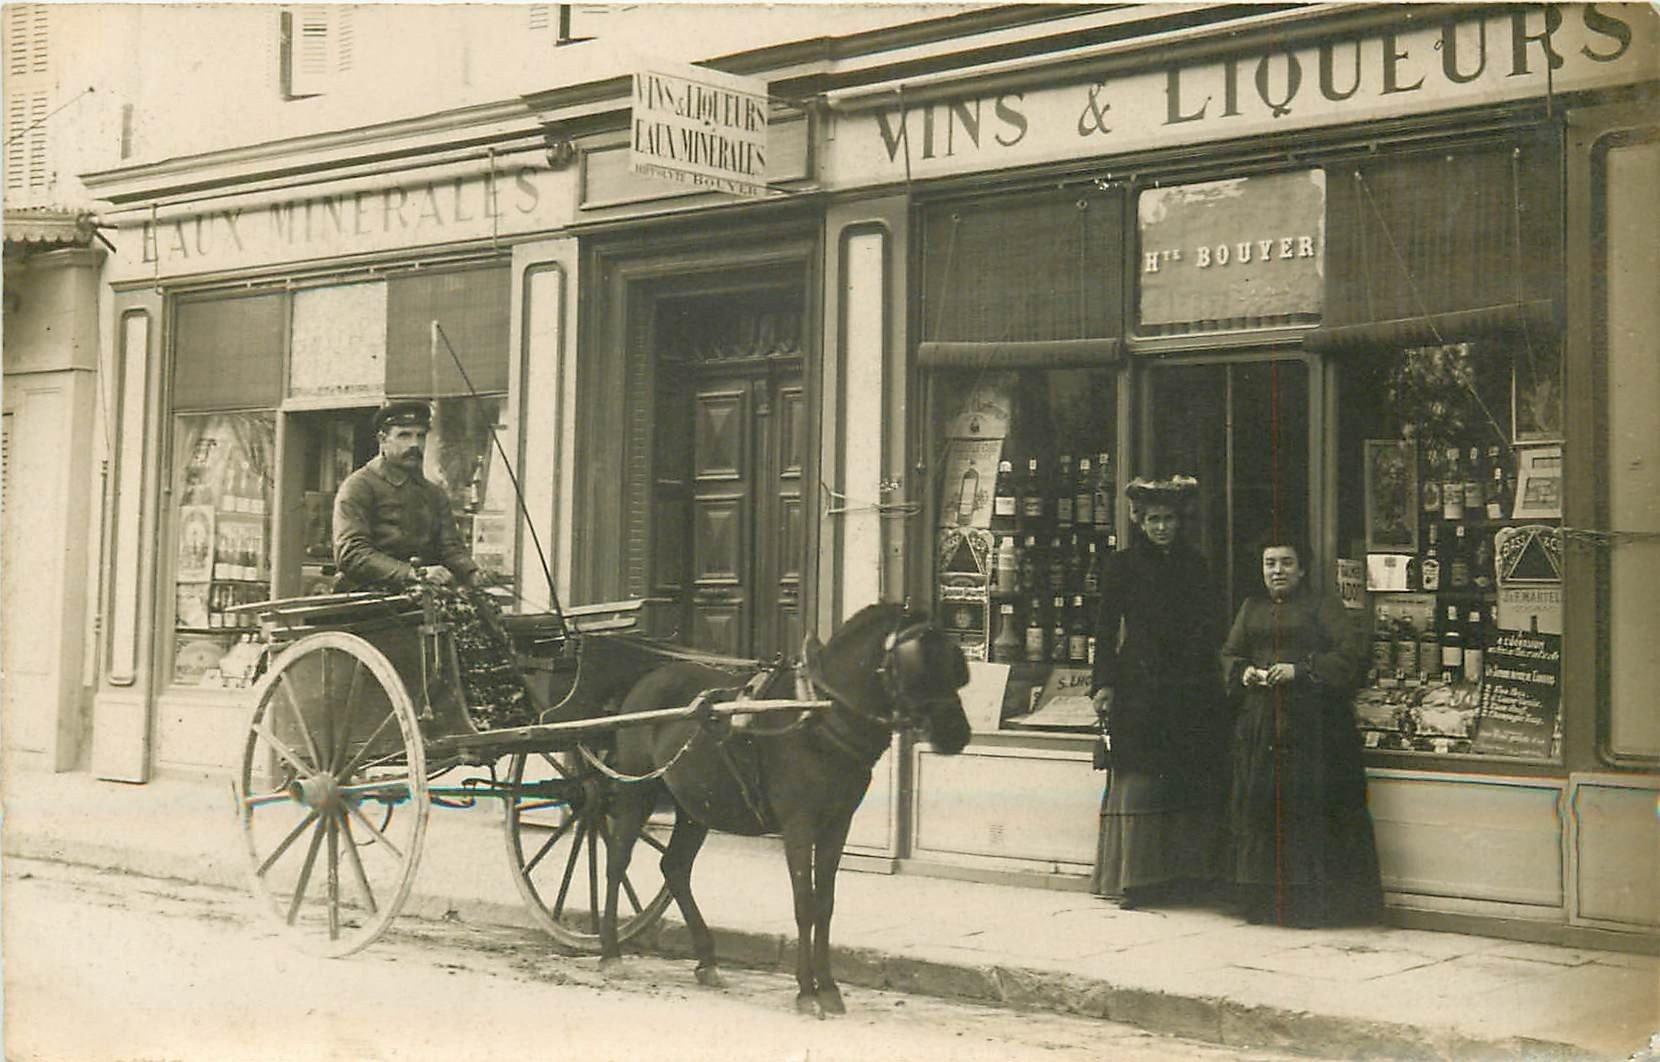 PARIS XIII. Superbe attelage devant Le Maison Bouyer au 22 rue du Moulin des Prés. Photo carte postale